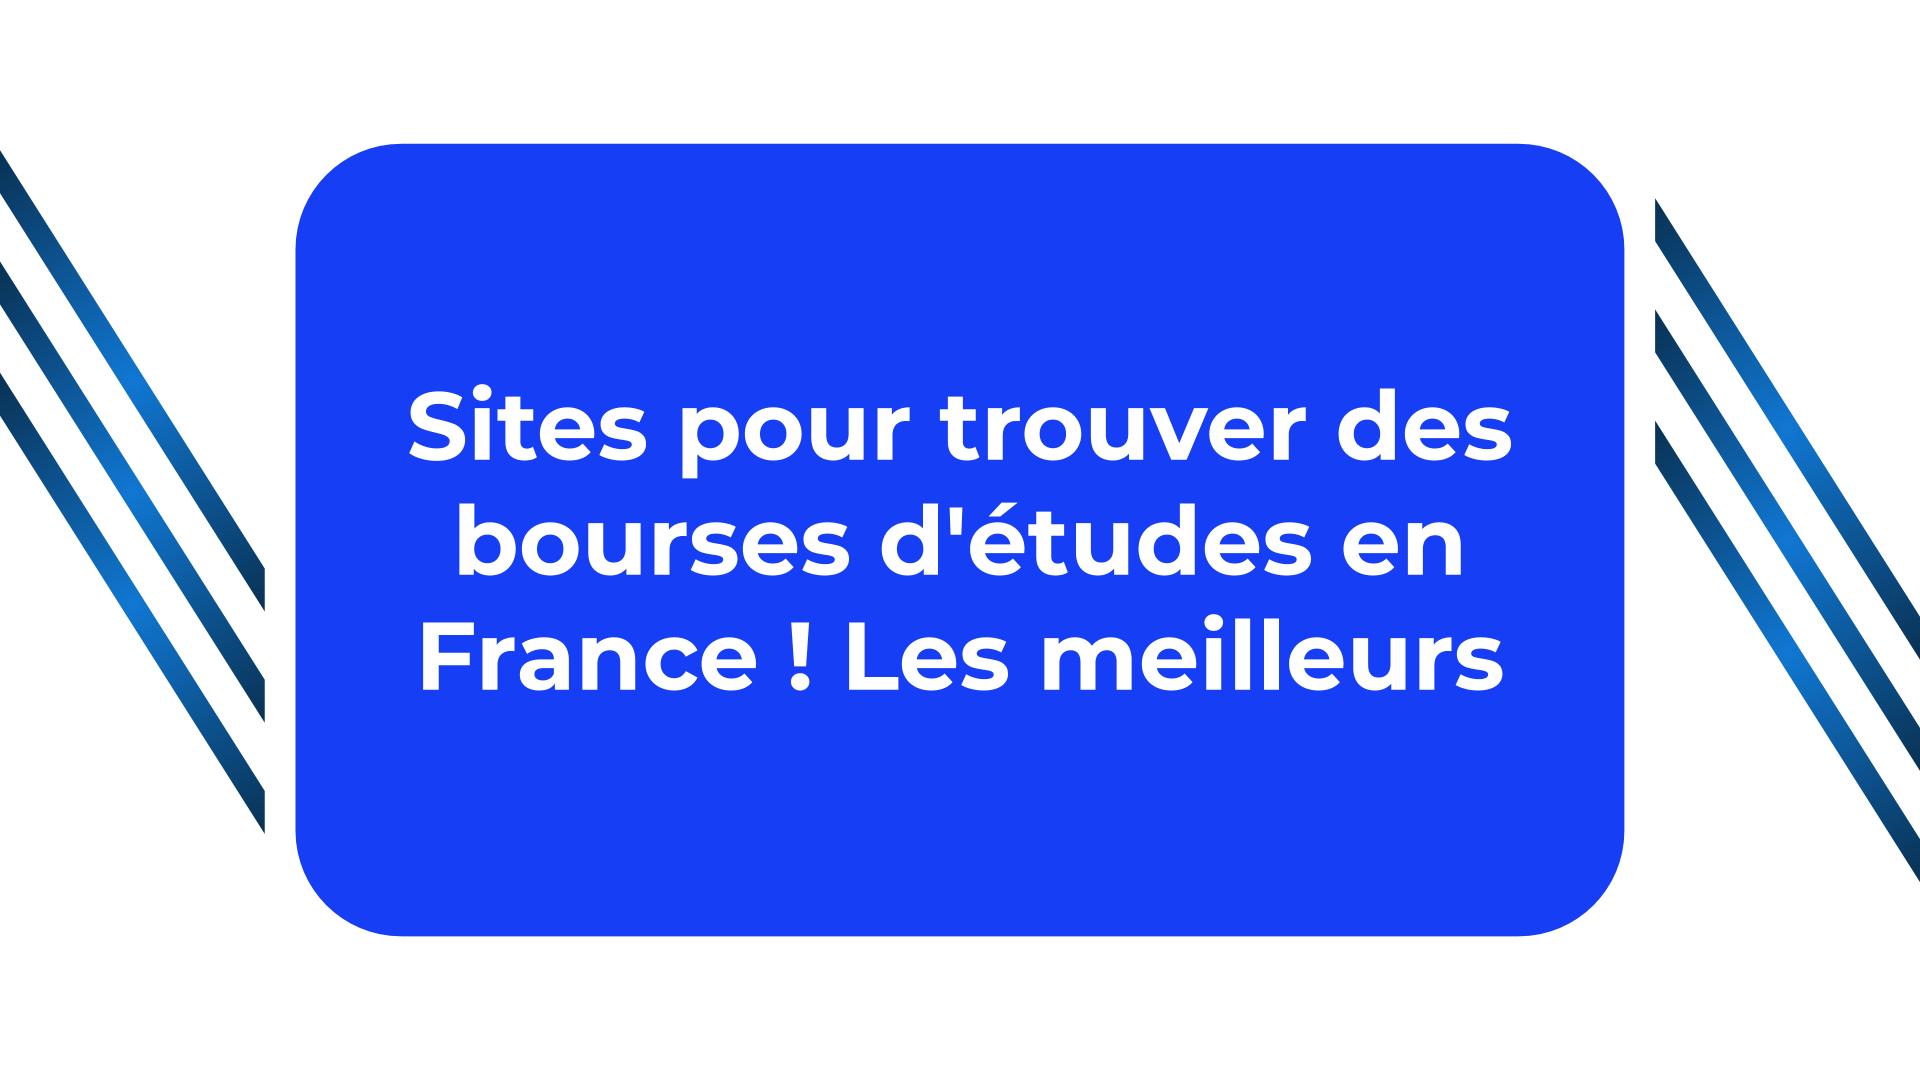 Sites pour trouver des bourses d'études en France ! Les meilleurs